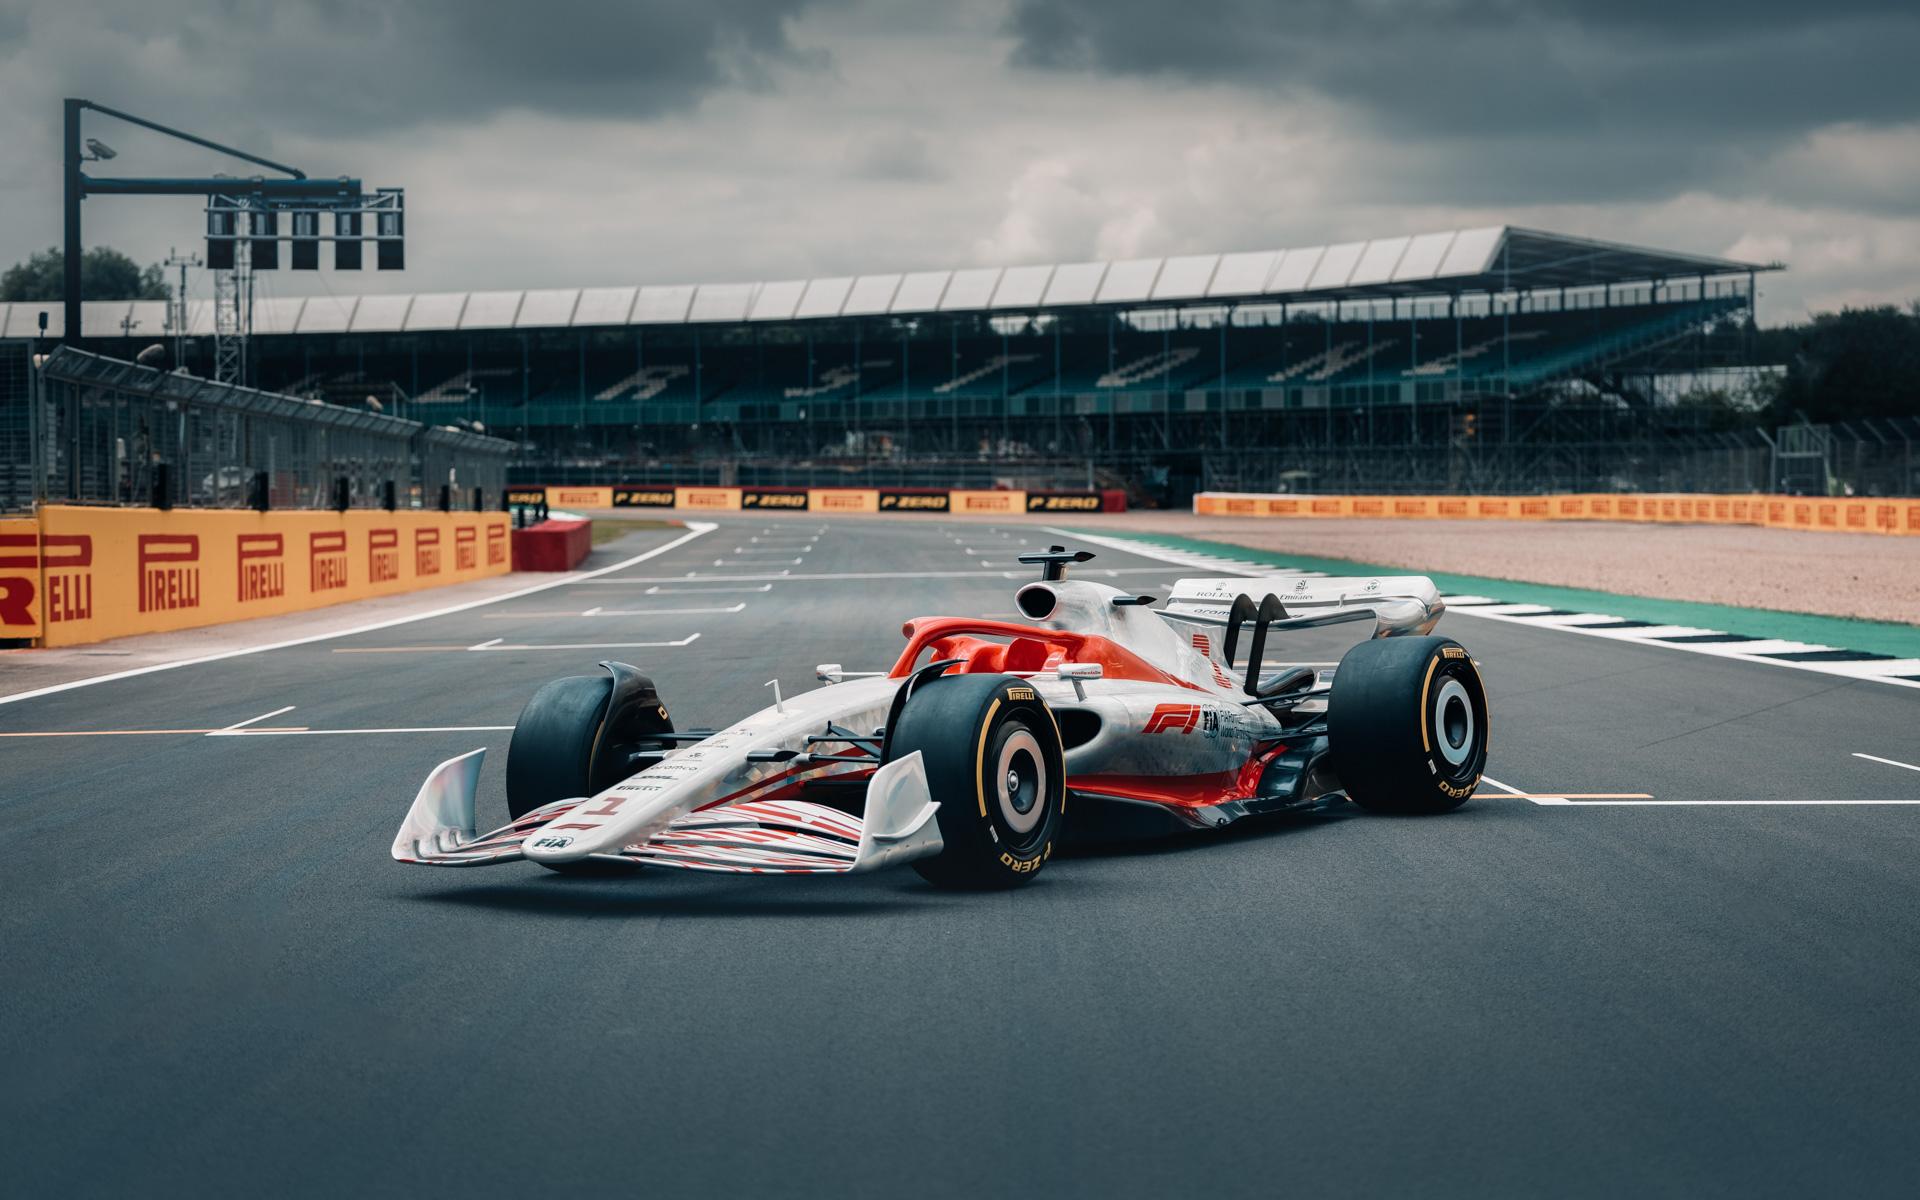 F1イギリスGPの会場であるシルバーストーン・サーキットのコース上におかれる2022年プロトタイプ